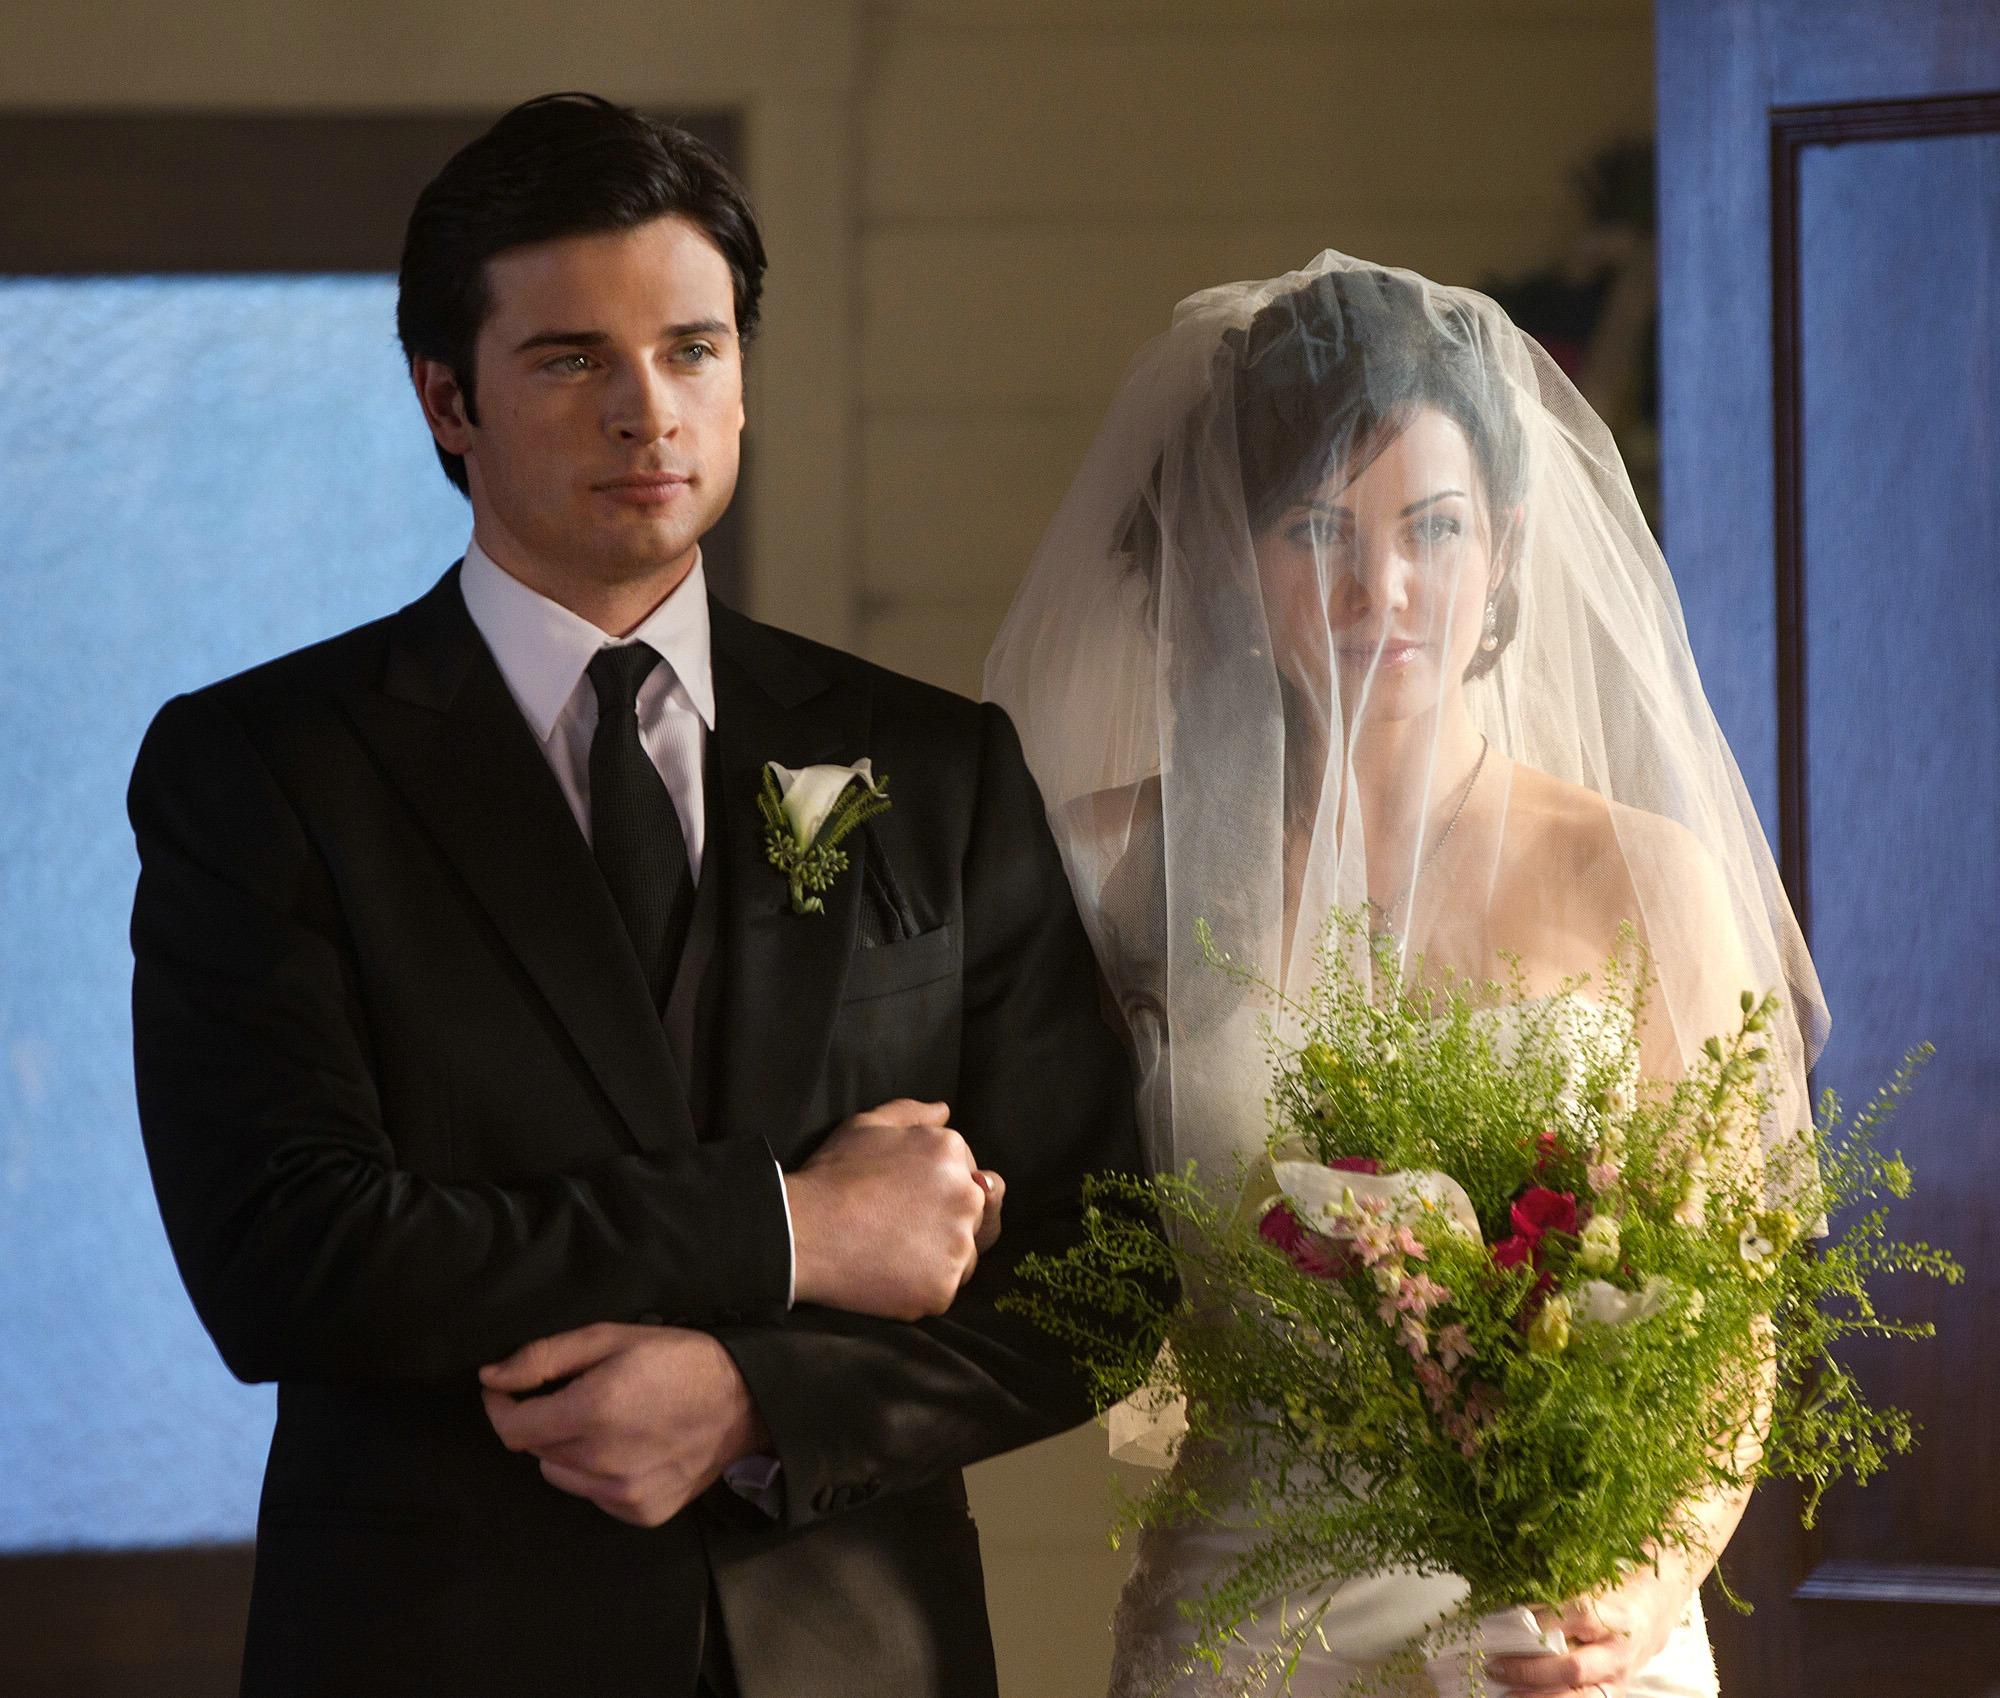 Tom tolan wedding